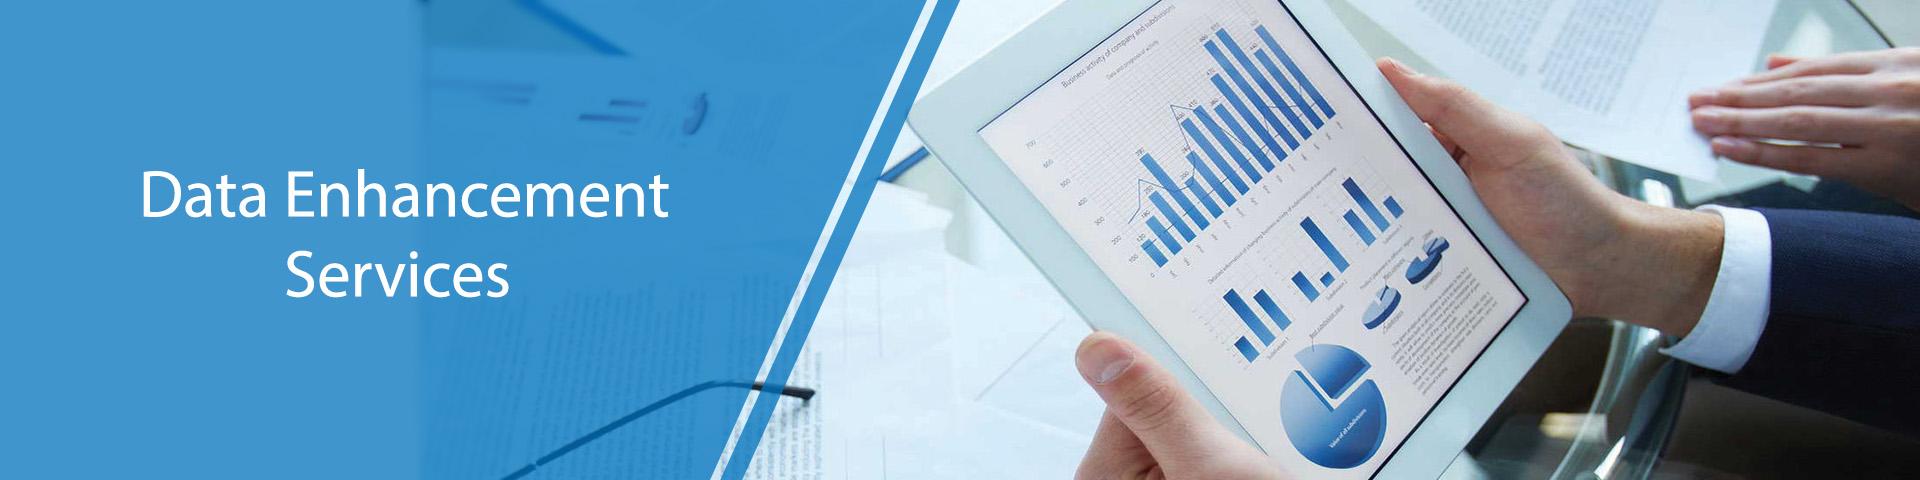 Data Enhancement Services